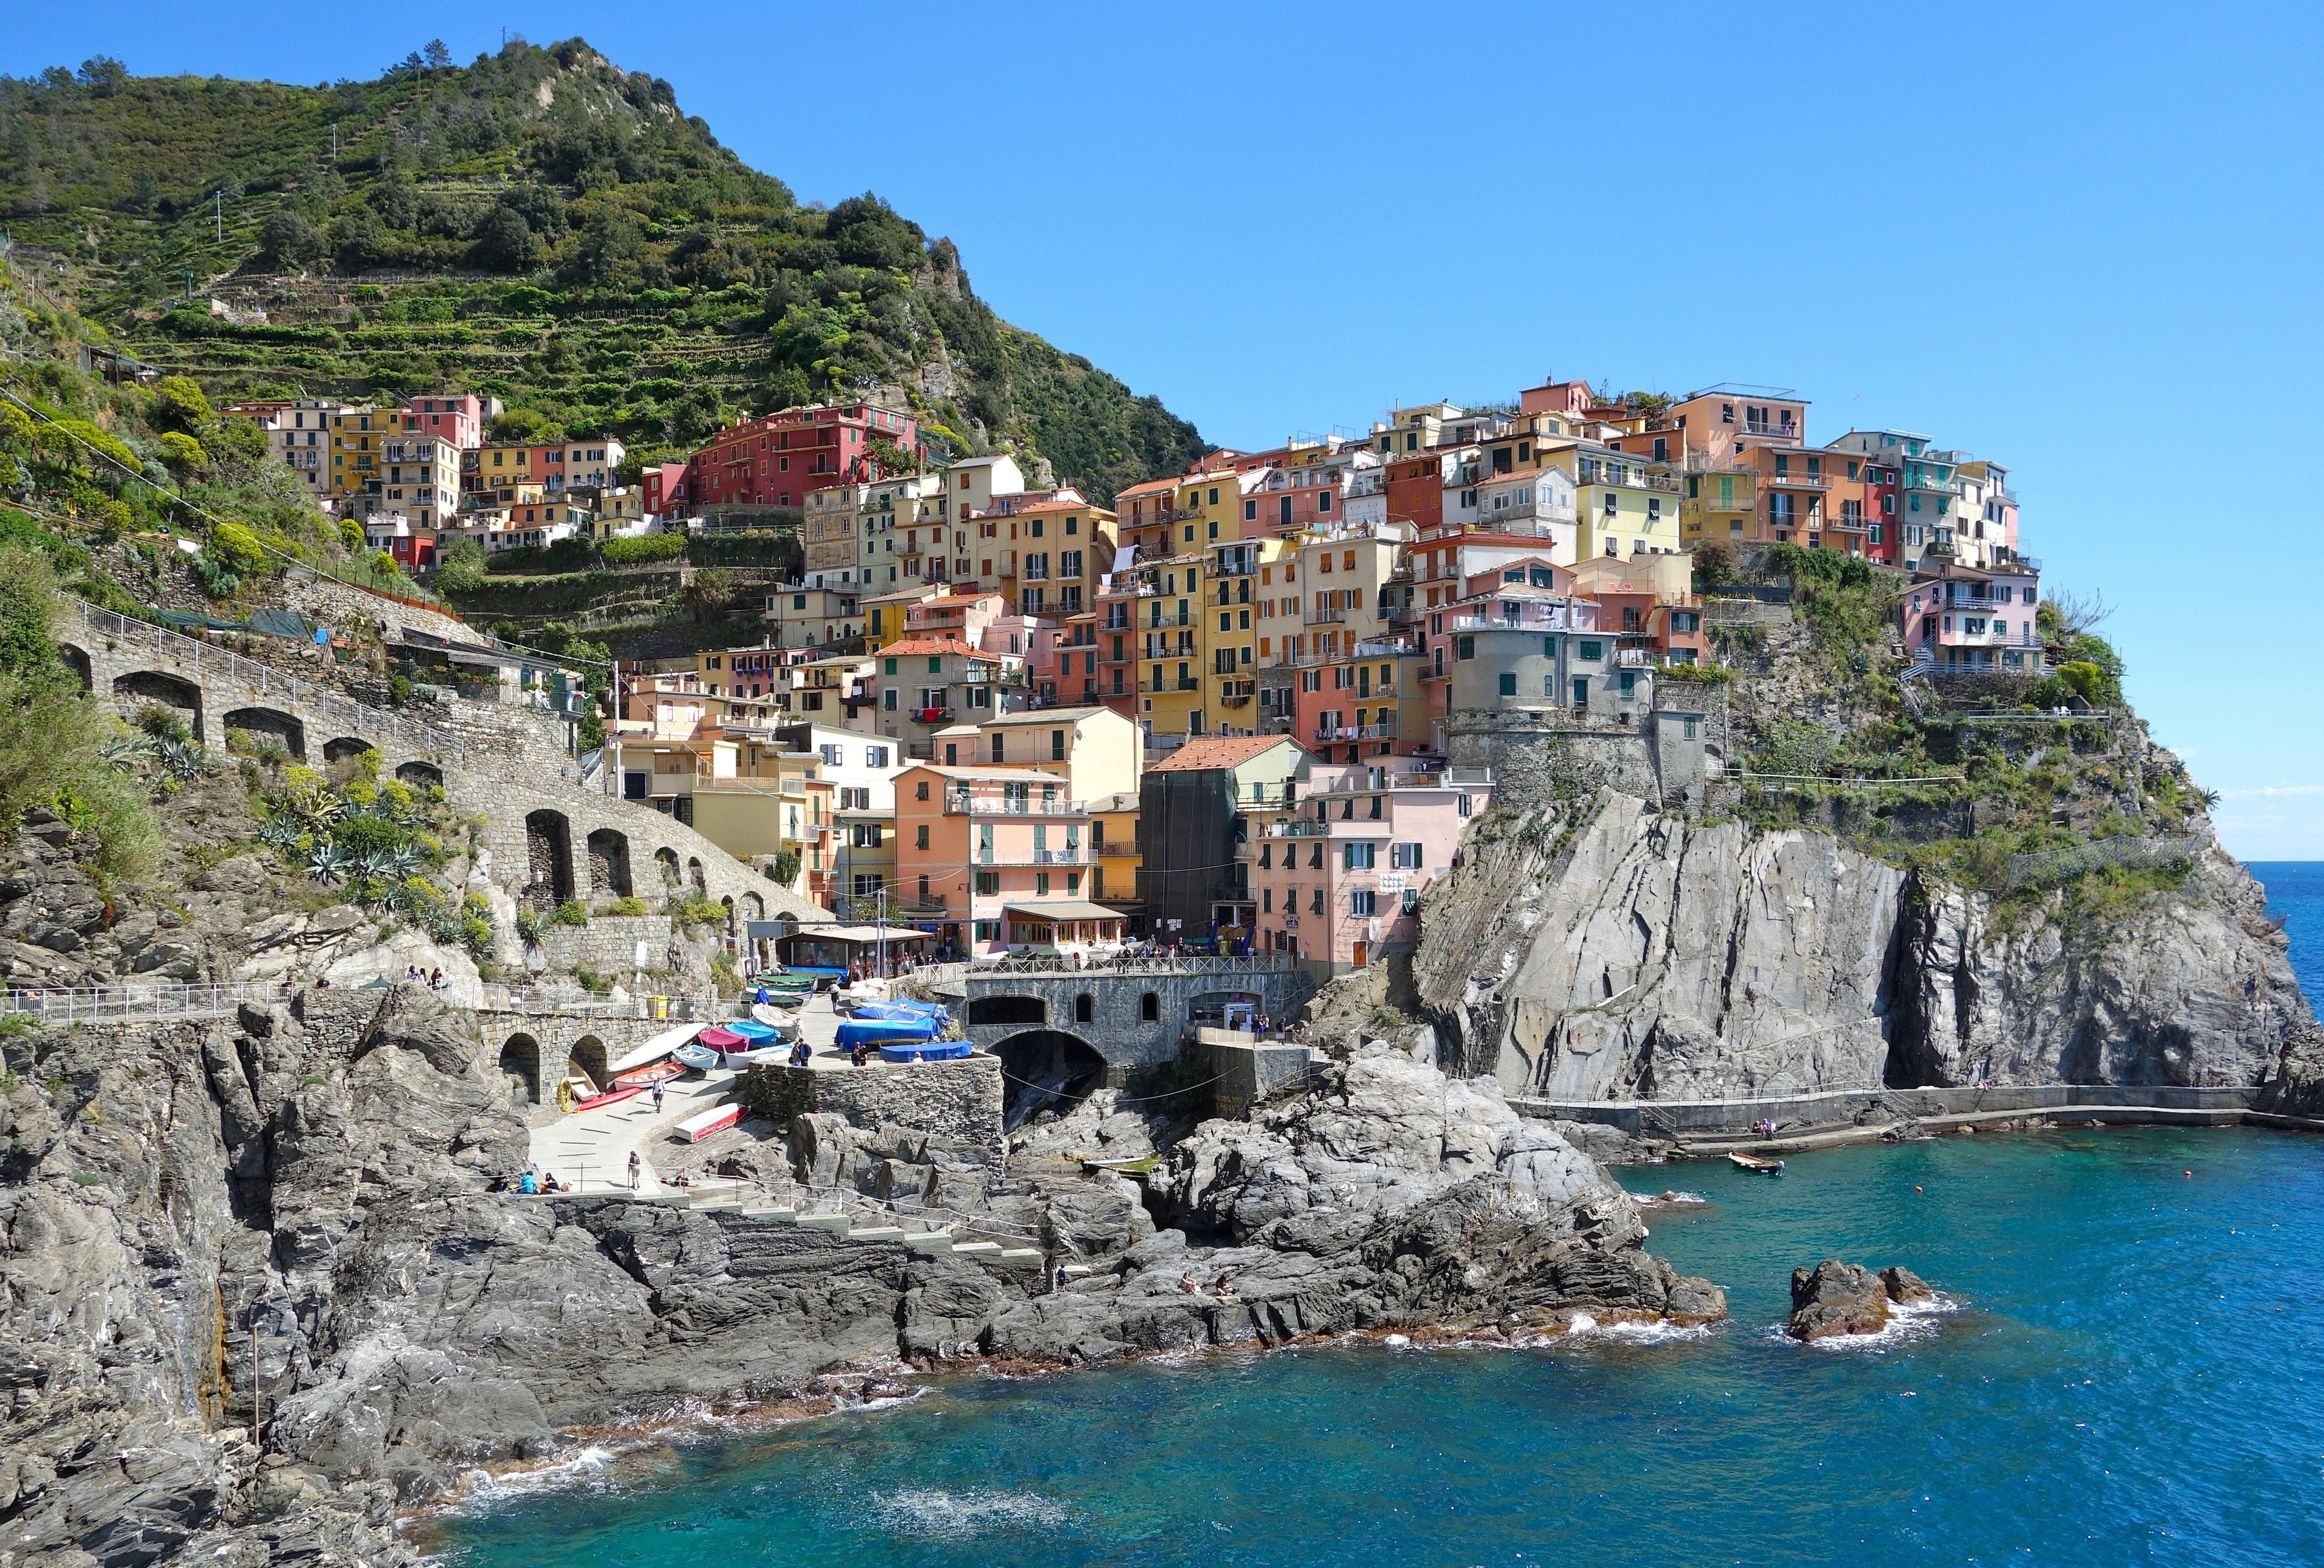 Amalfi Coast Italy multi coloured houses